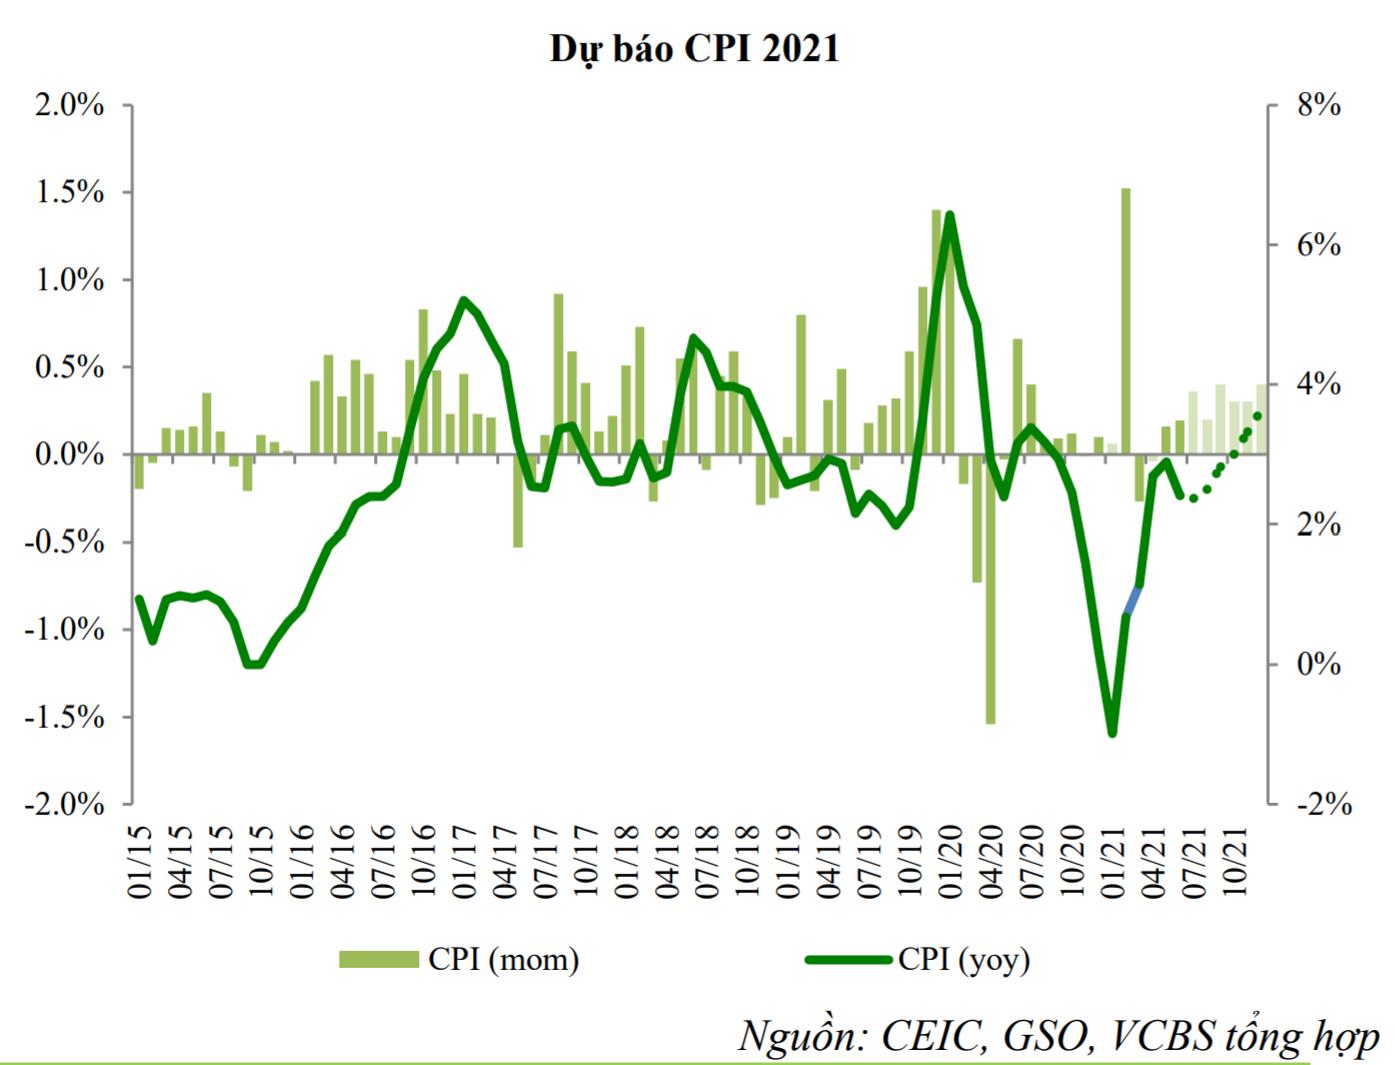 VCBS: Còn quá sớm để lo ngại về khả năng xảy ra một siêu chu kỳ hàng hóa gây áp lực lên lạm phát? - Ảnh 2.